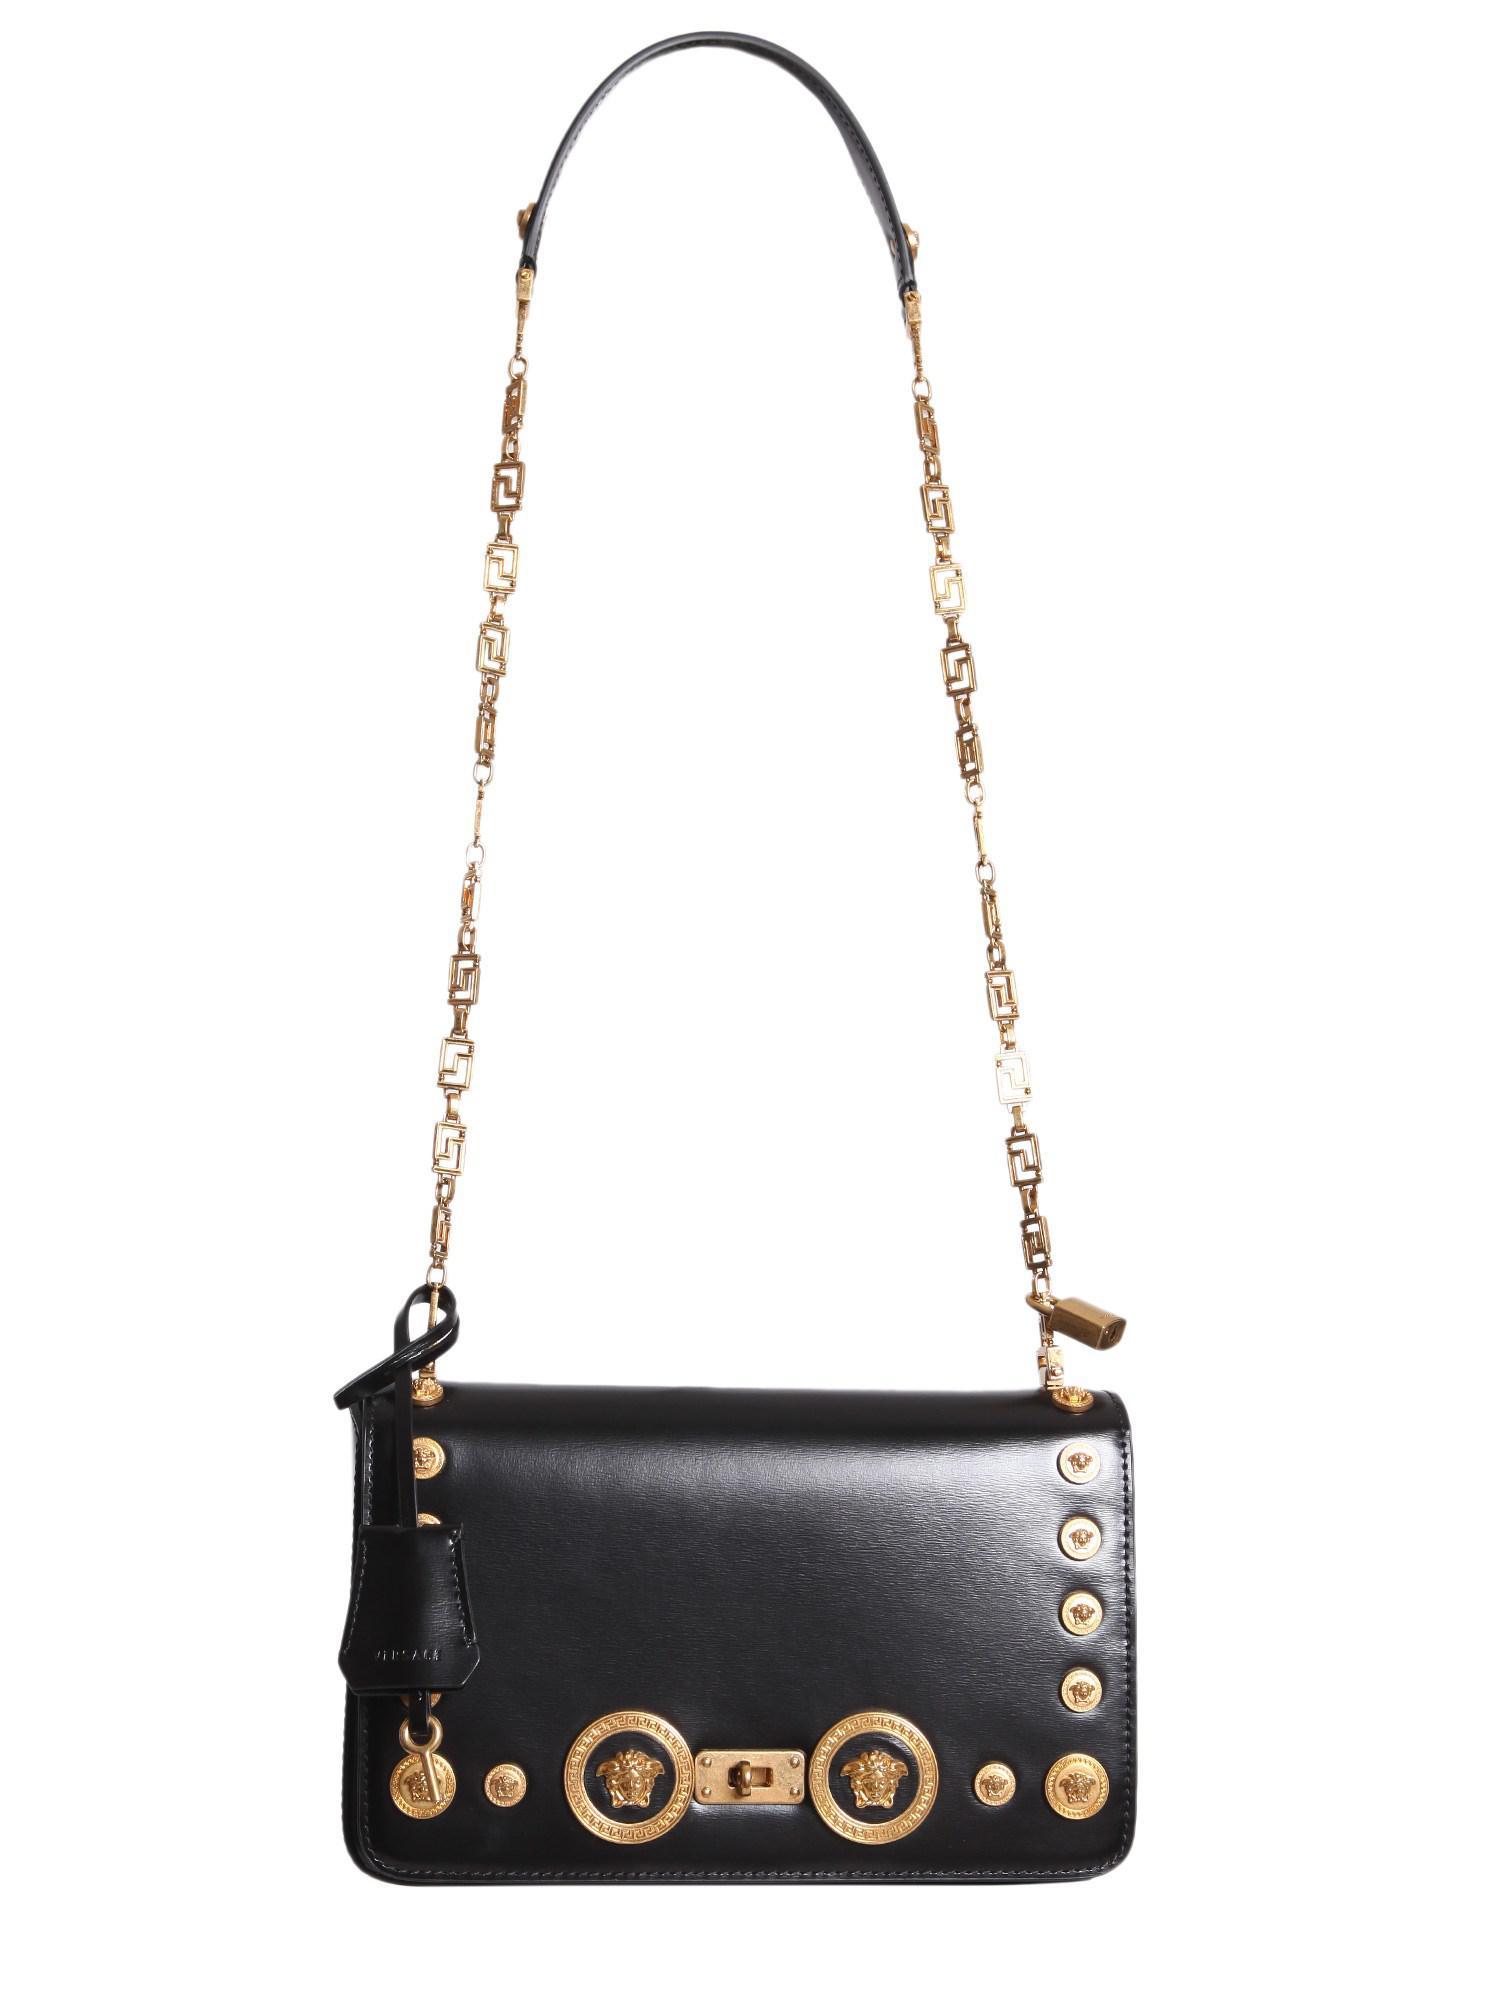 Lyst - Versace Medusa Stud Icon Leather Shoulder Bag in Black 9d9bda06e6af4